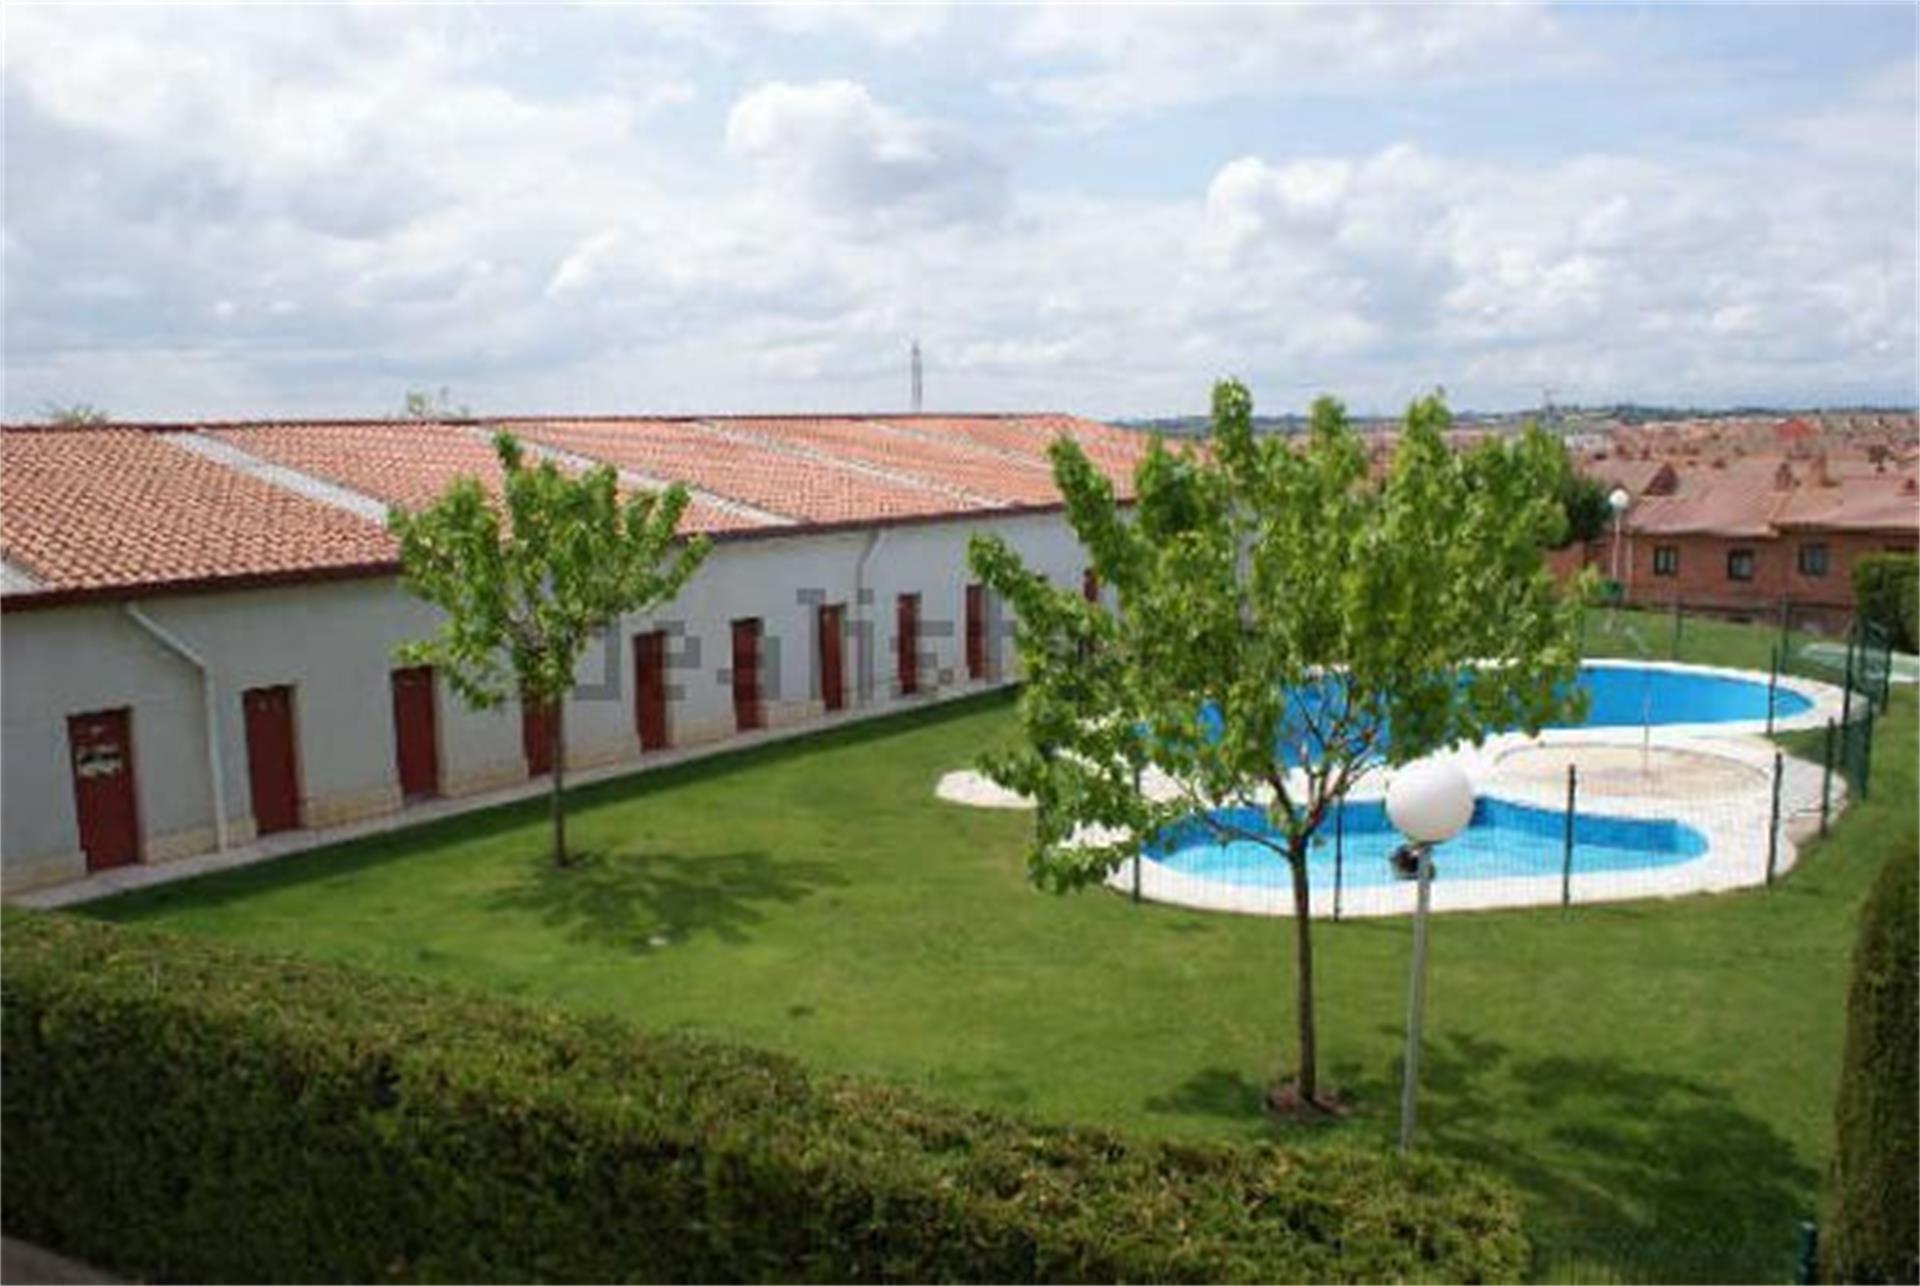 Piso de alquiler en Plaza Avd Valladolid 1, Cistérniga (Cistérniga, Valladolid)